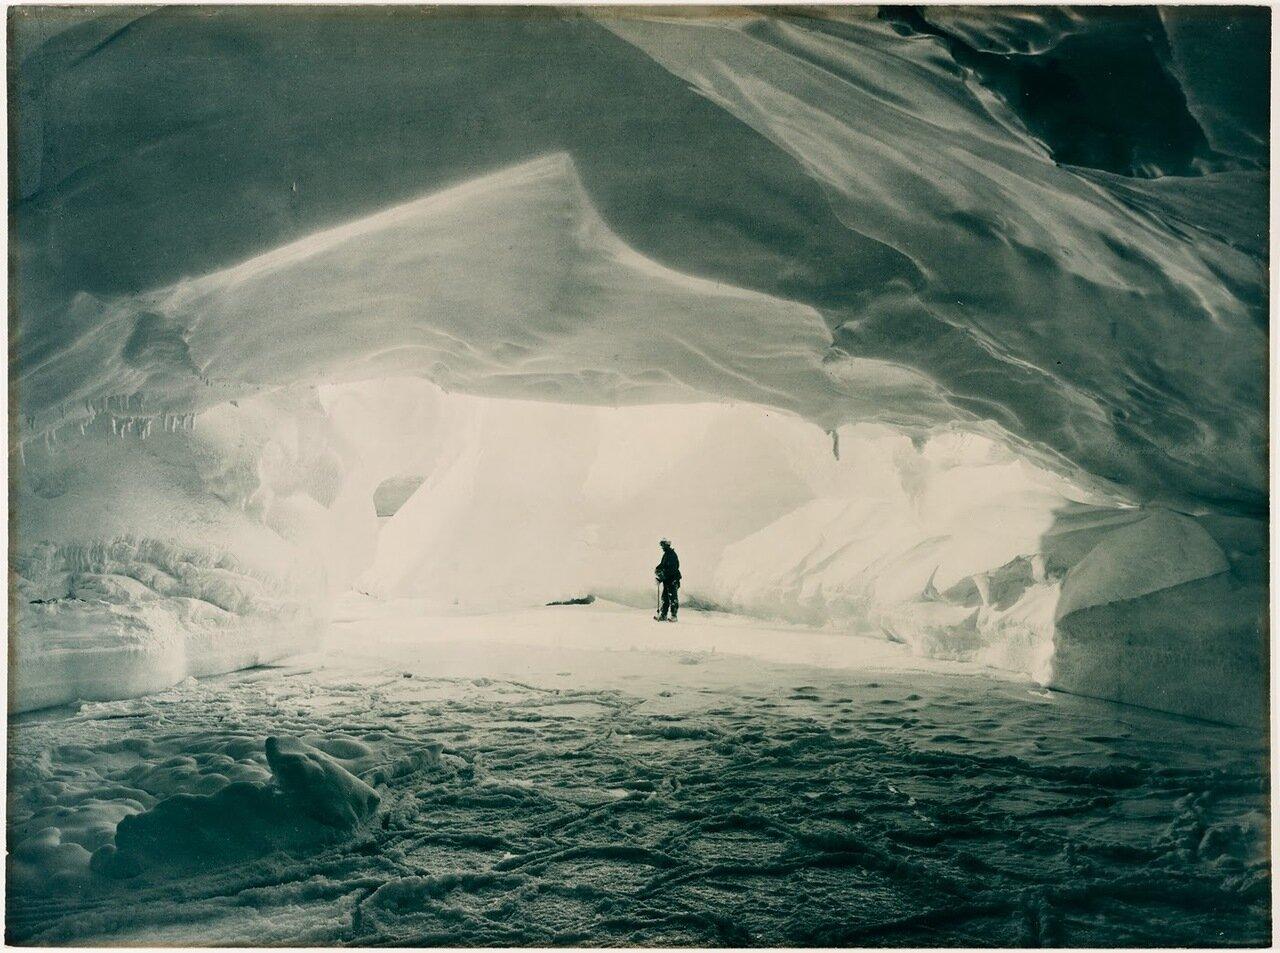 Пещера на берегу моря Содружества в ледяной стене, 1911-1914